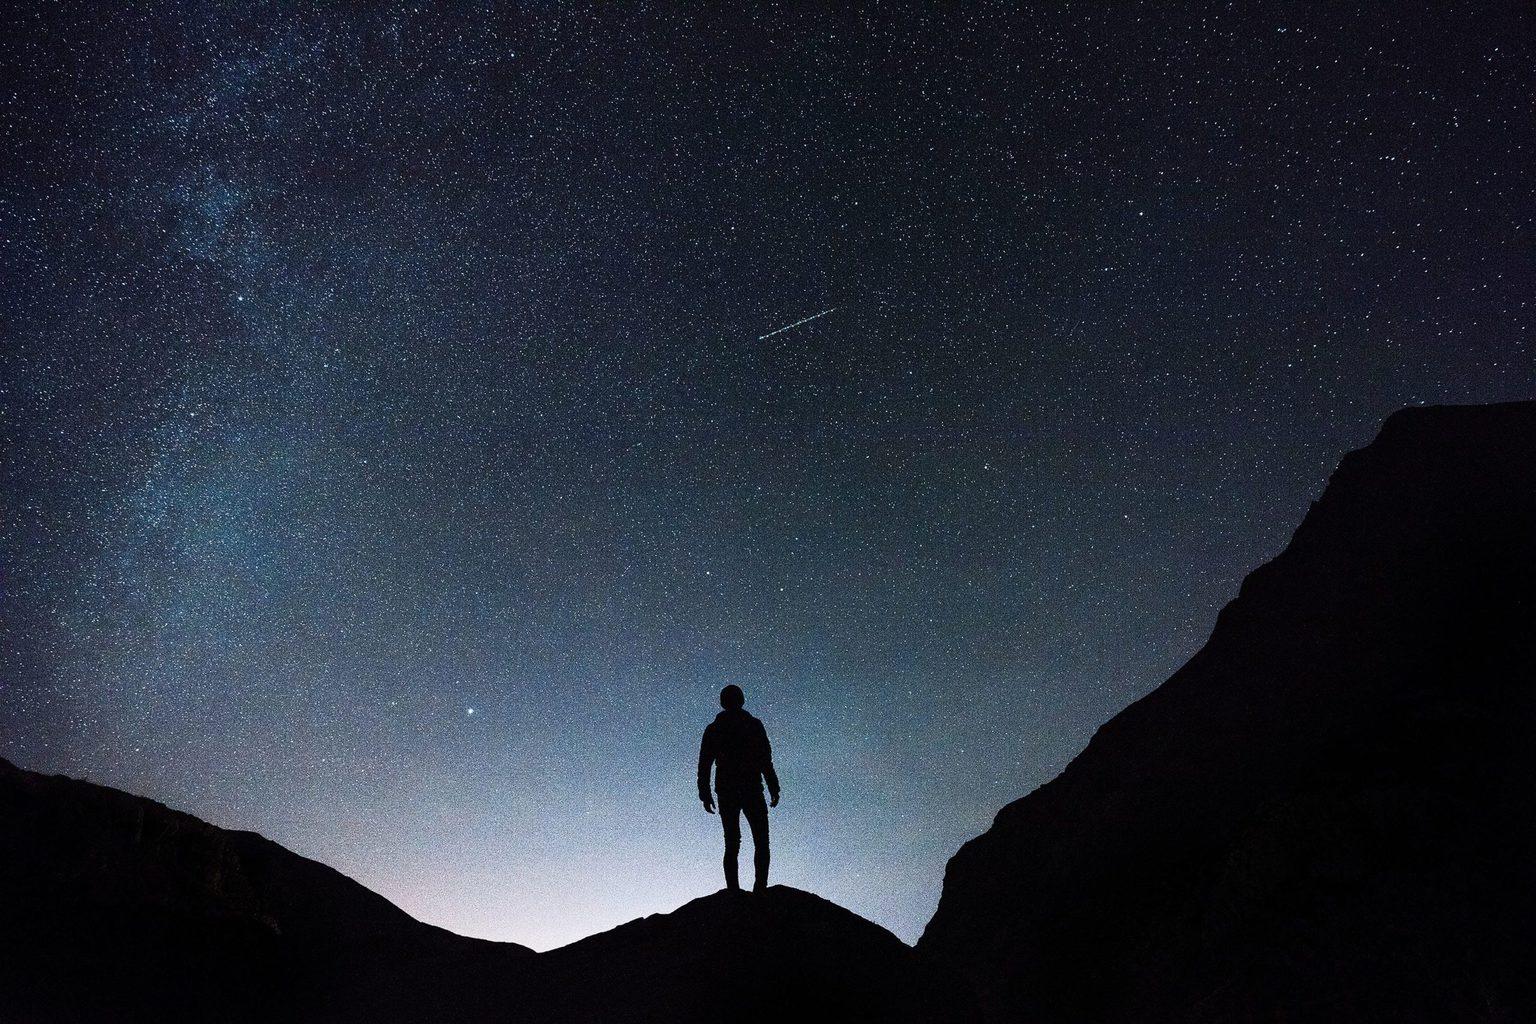 Silueta con el fondo de un cielo estrellado